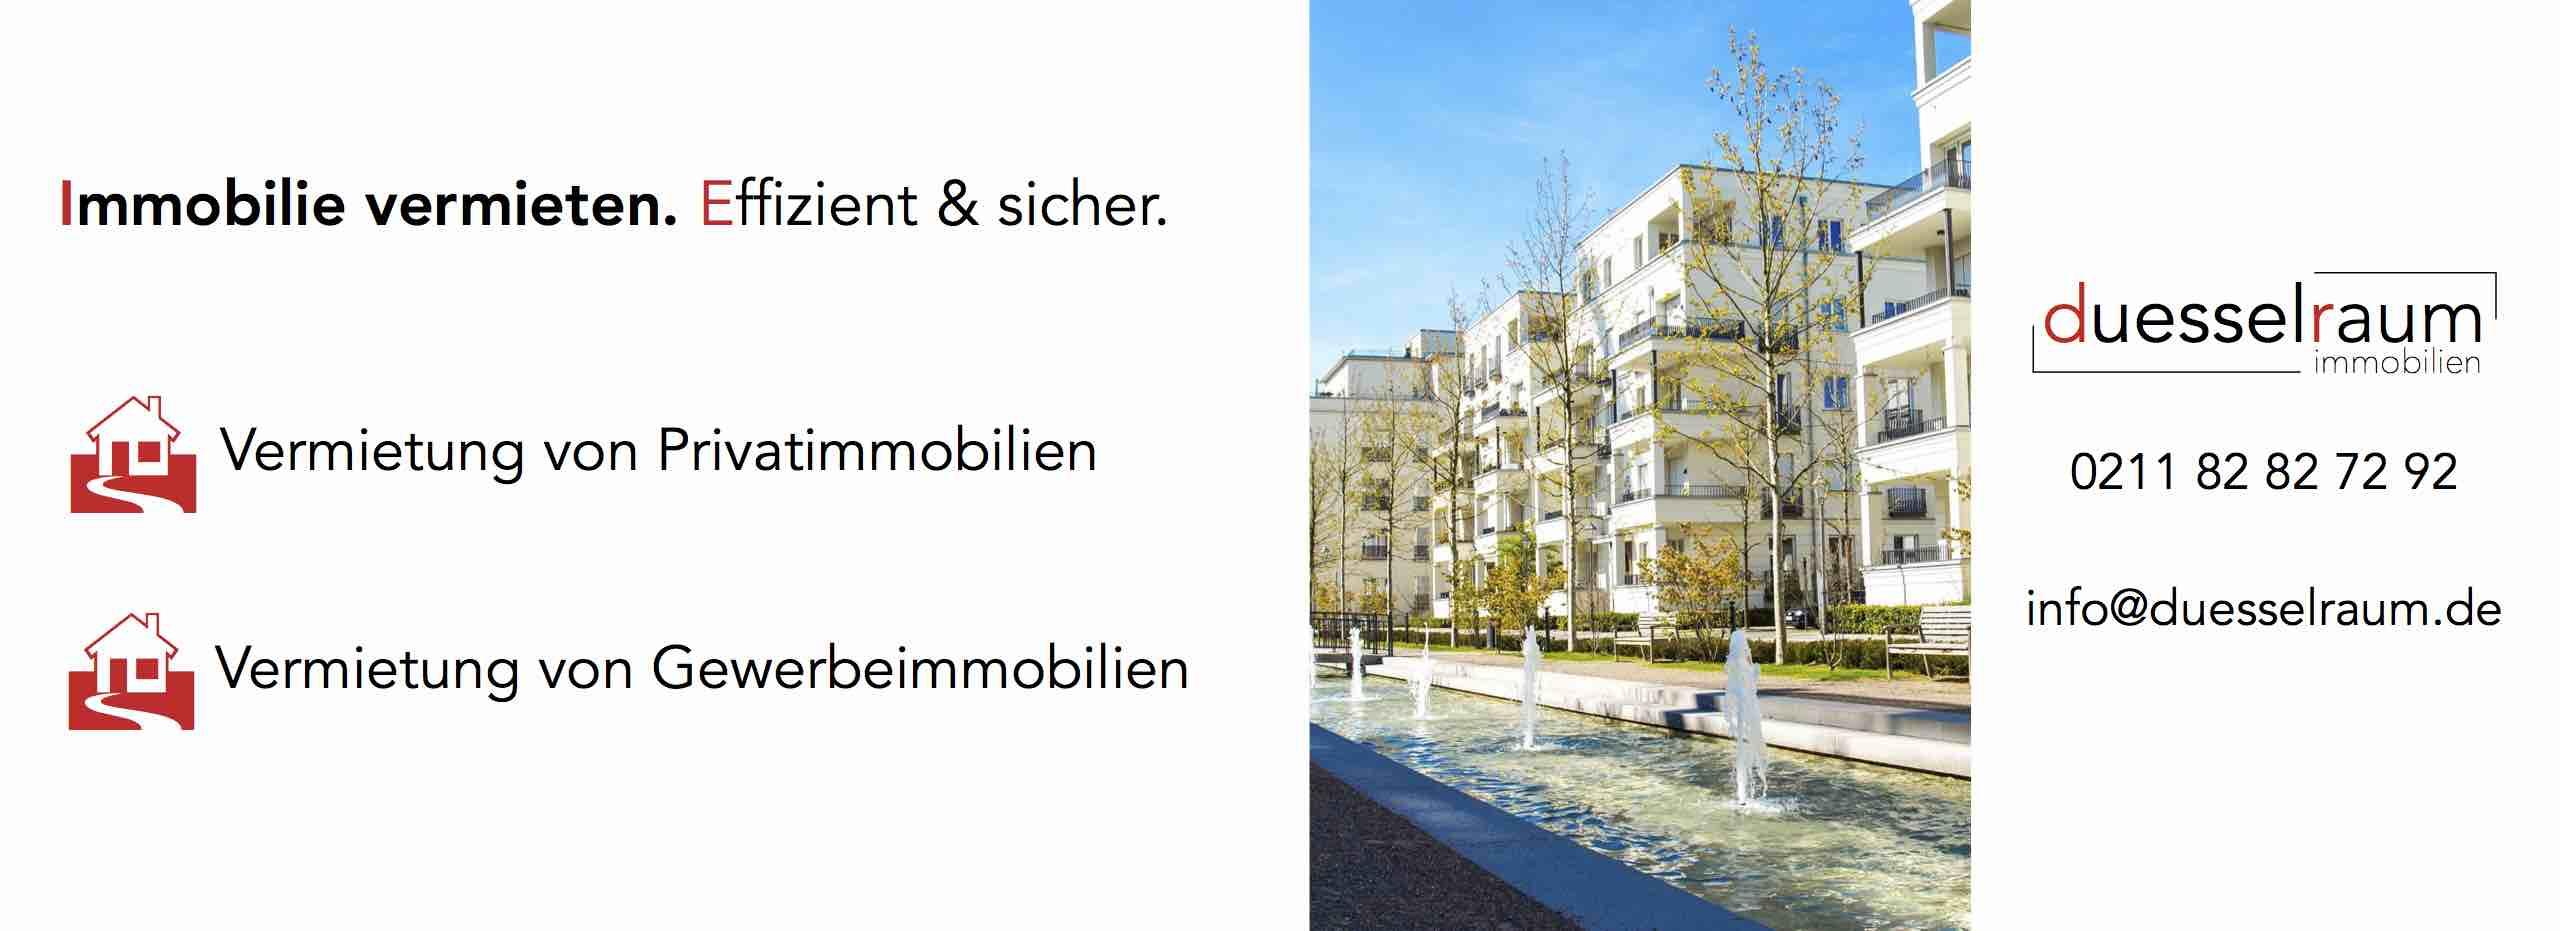 Immobilienmakler Düsseldorf: Vermieten